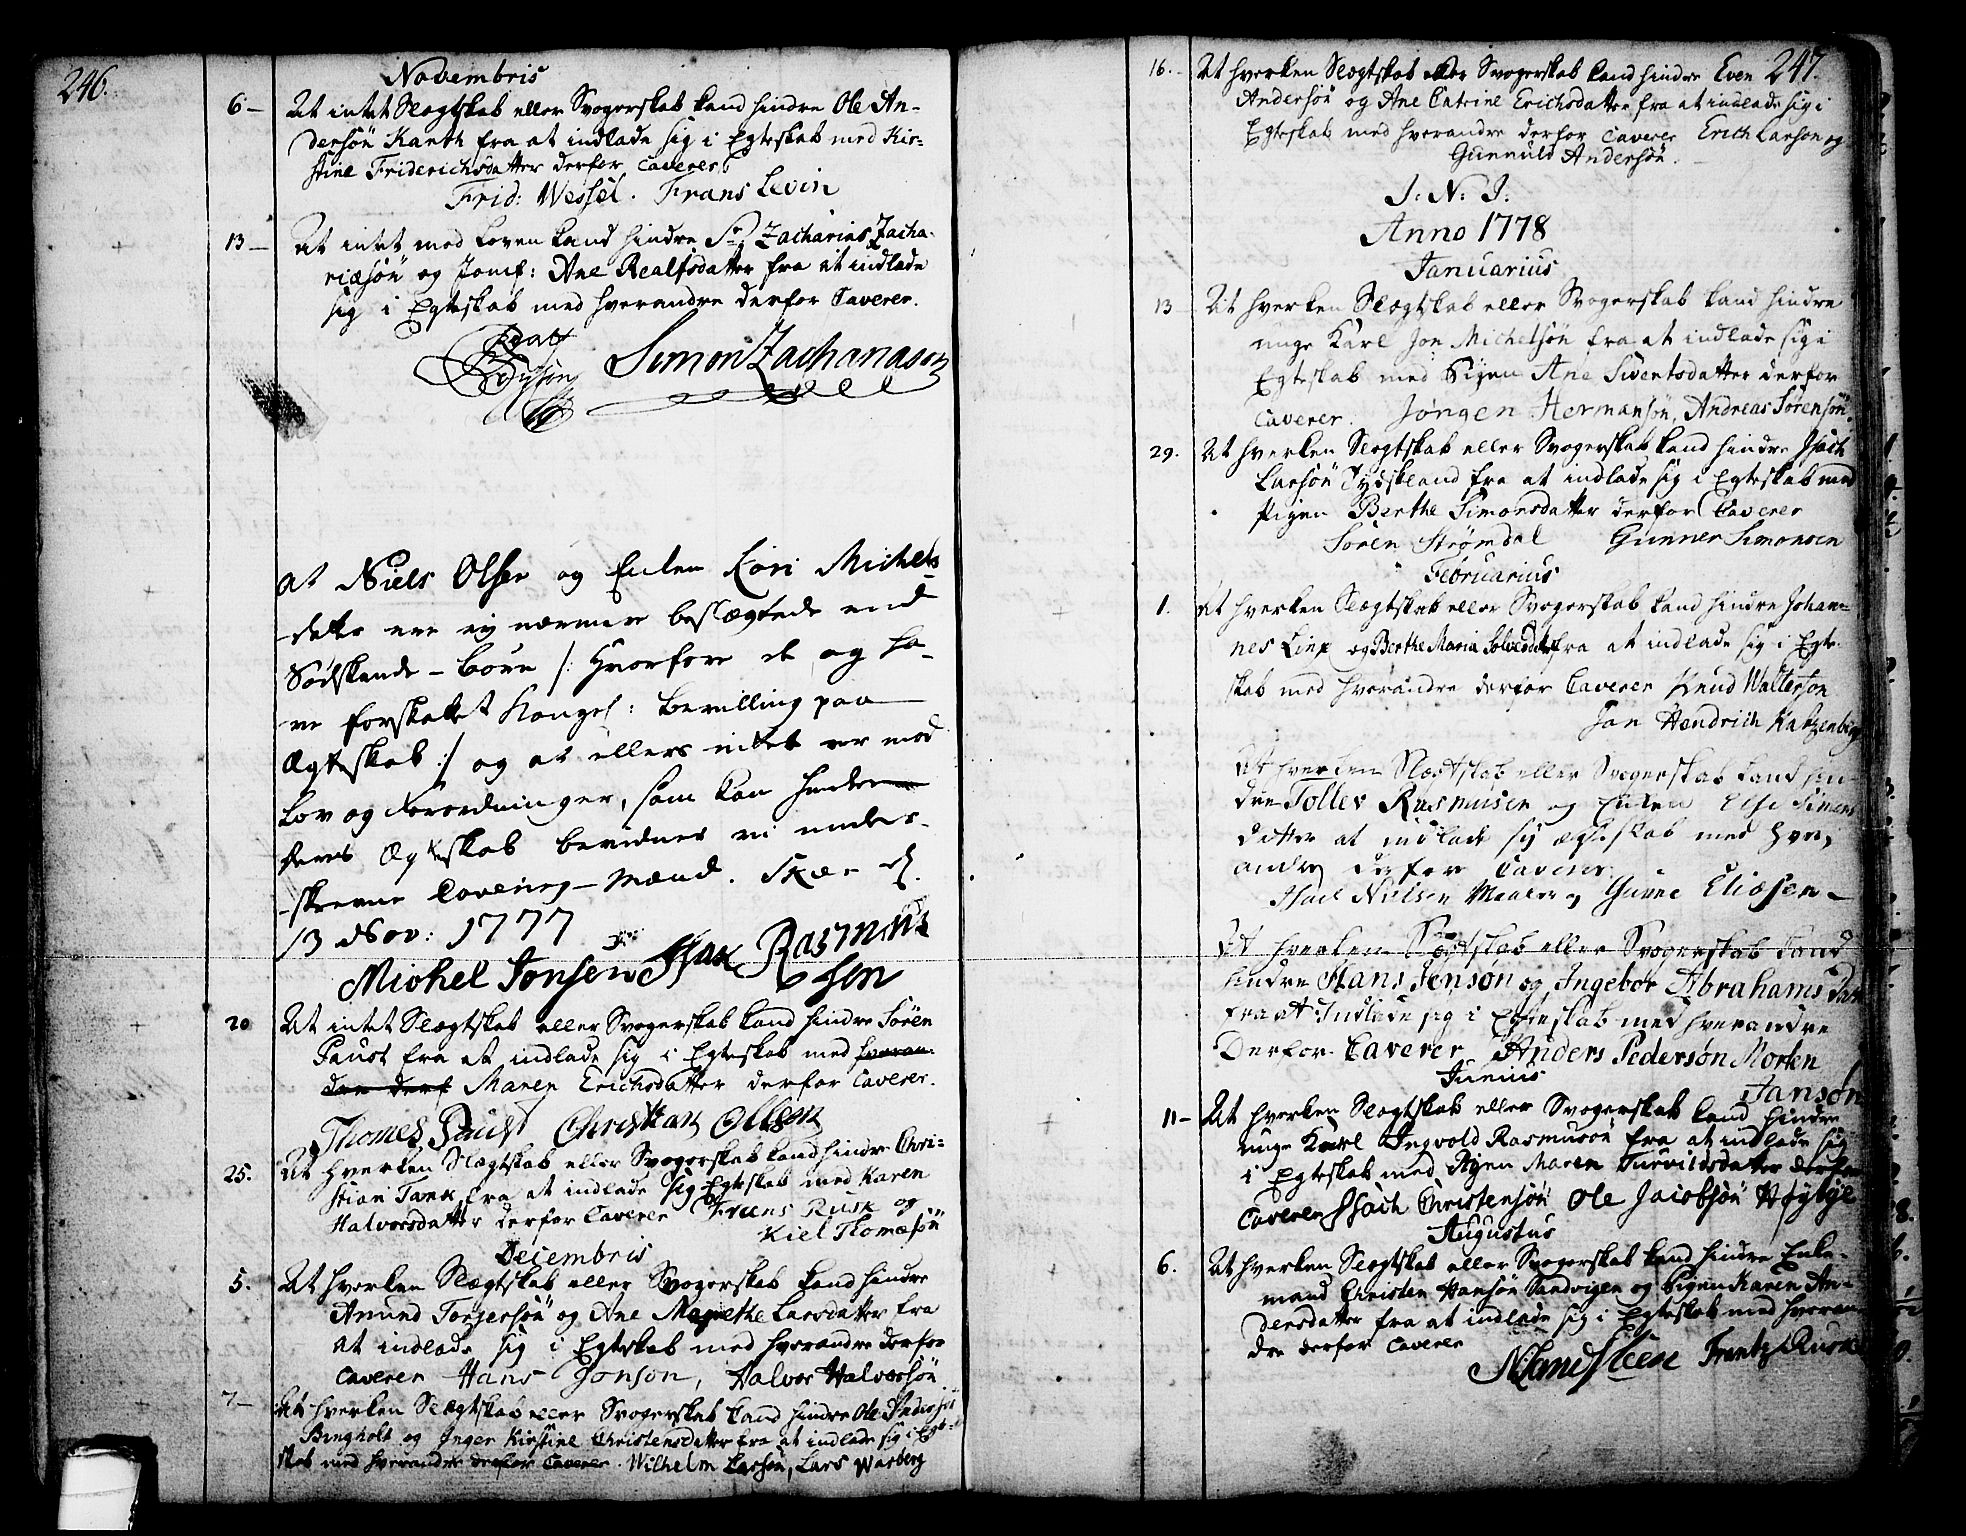 SAKO, Skien kirkebøker, F/Fa/L0003: Ministerialbok nr. 3, 1755-1791, s. 246-247